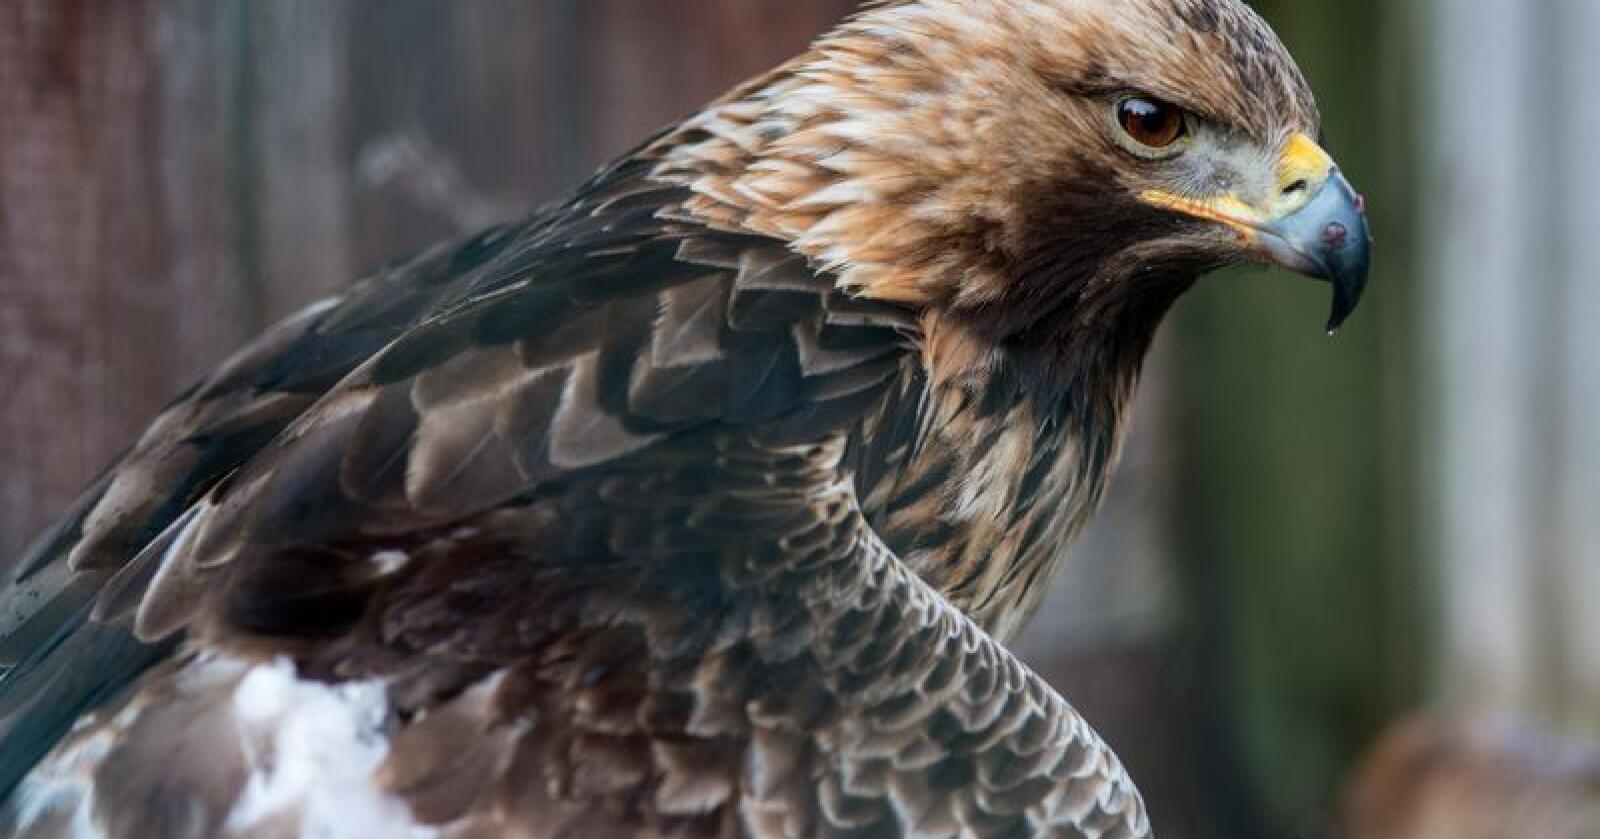 Senterpartiet fremmer forslag om flere endringer i rovdyrforvaltningen, blant annet større jakt på ørn. Foto: Ketil Blom Haugstulen